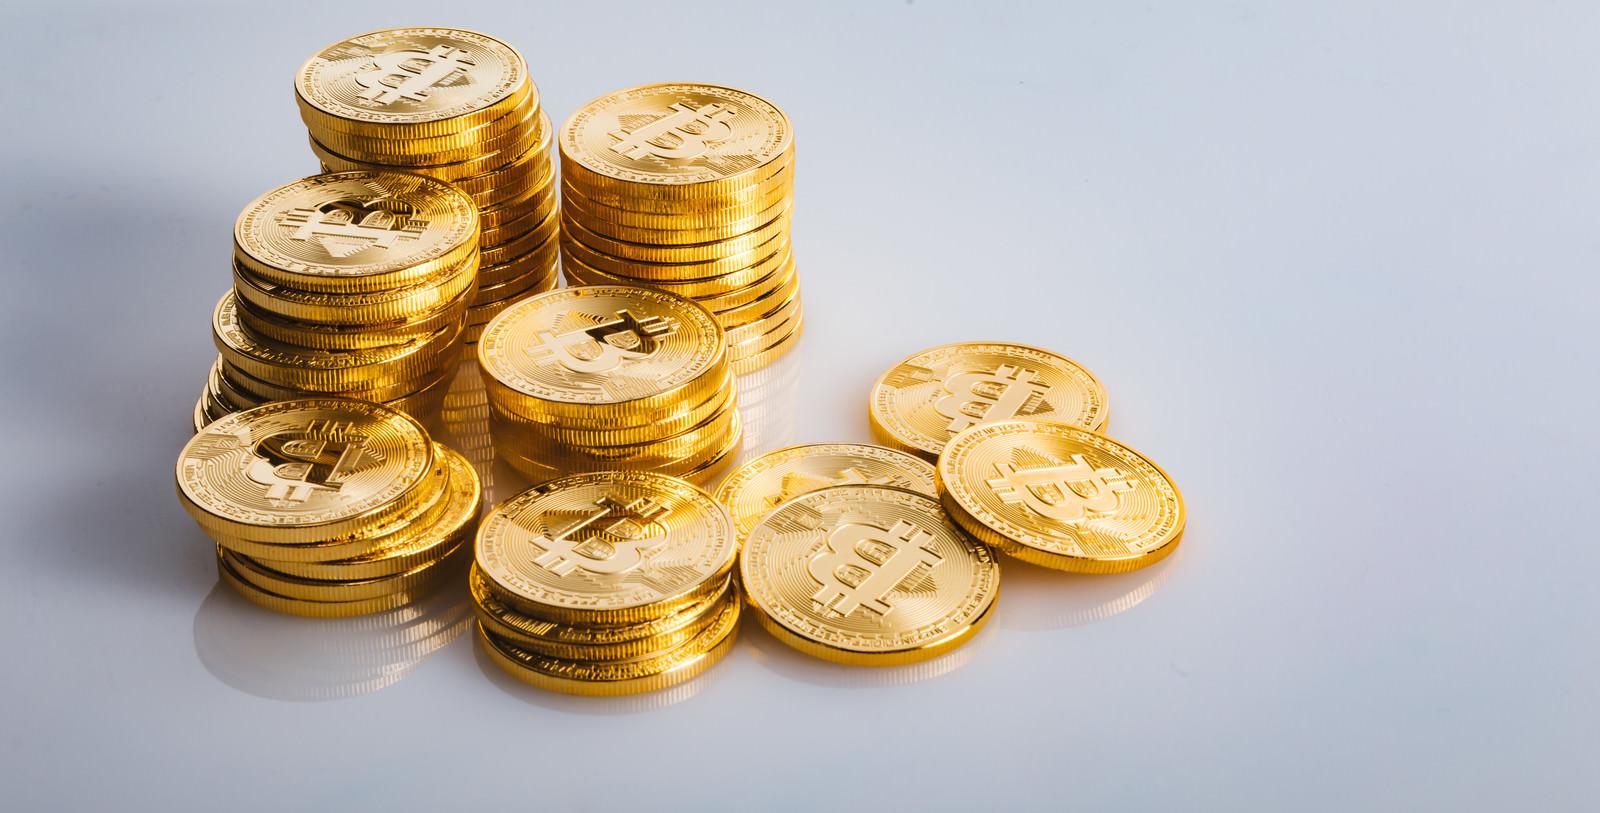 「ビットコイン大量保有」の写真